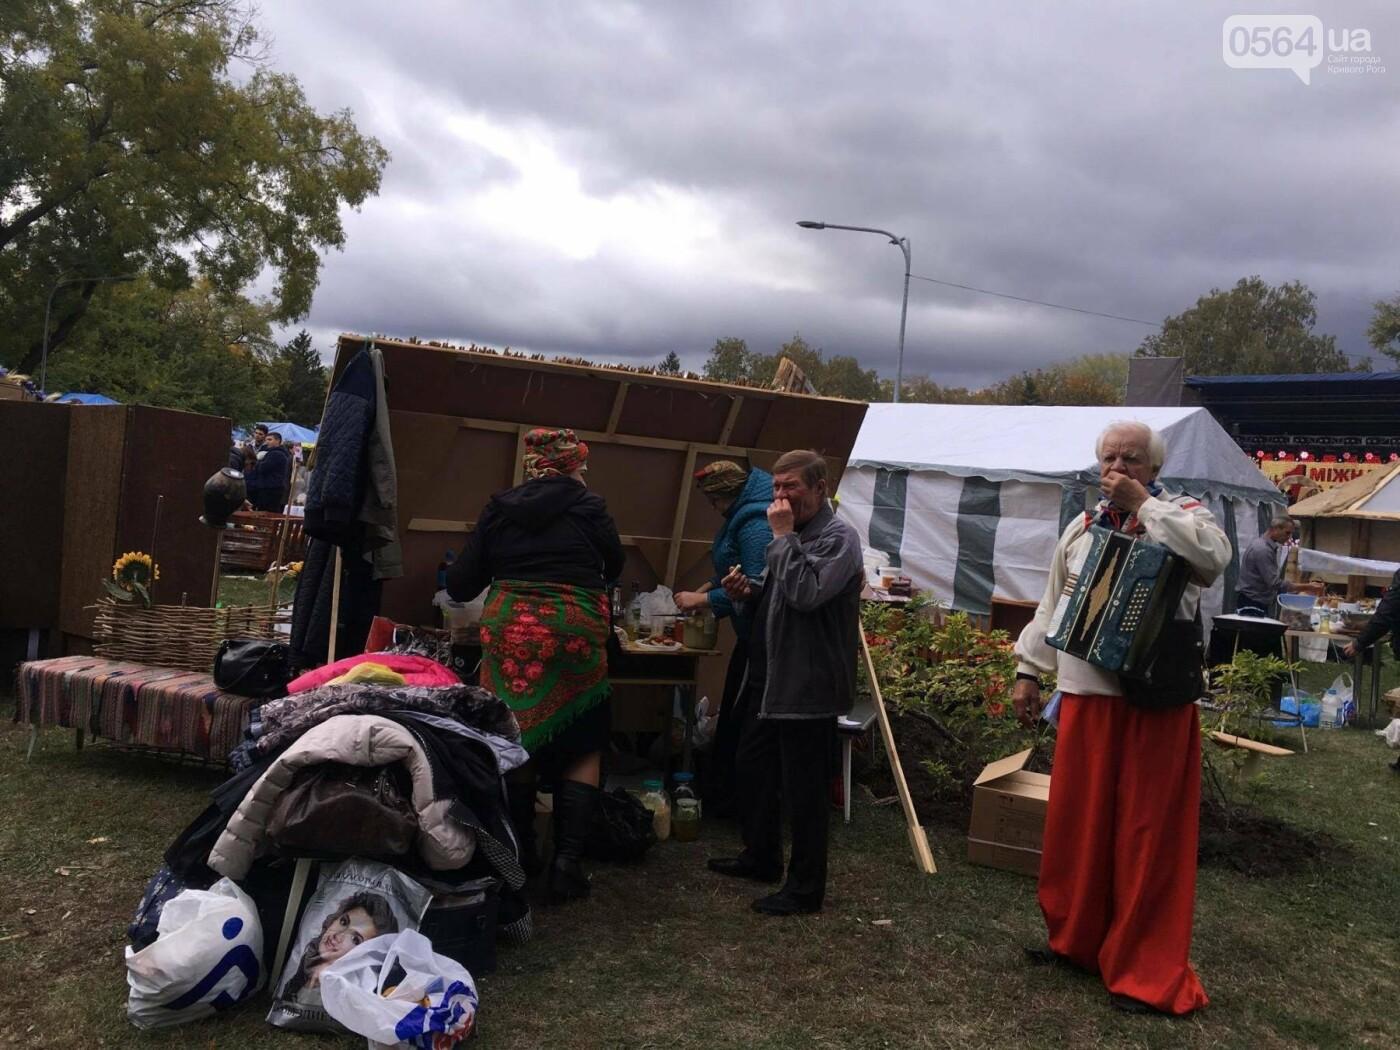 Тысячи криворожан отмечают День украинского козачества на Фестивале в парке Героев (ФОТО, ВИДЕО), фото-24